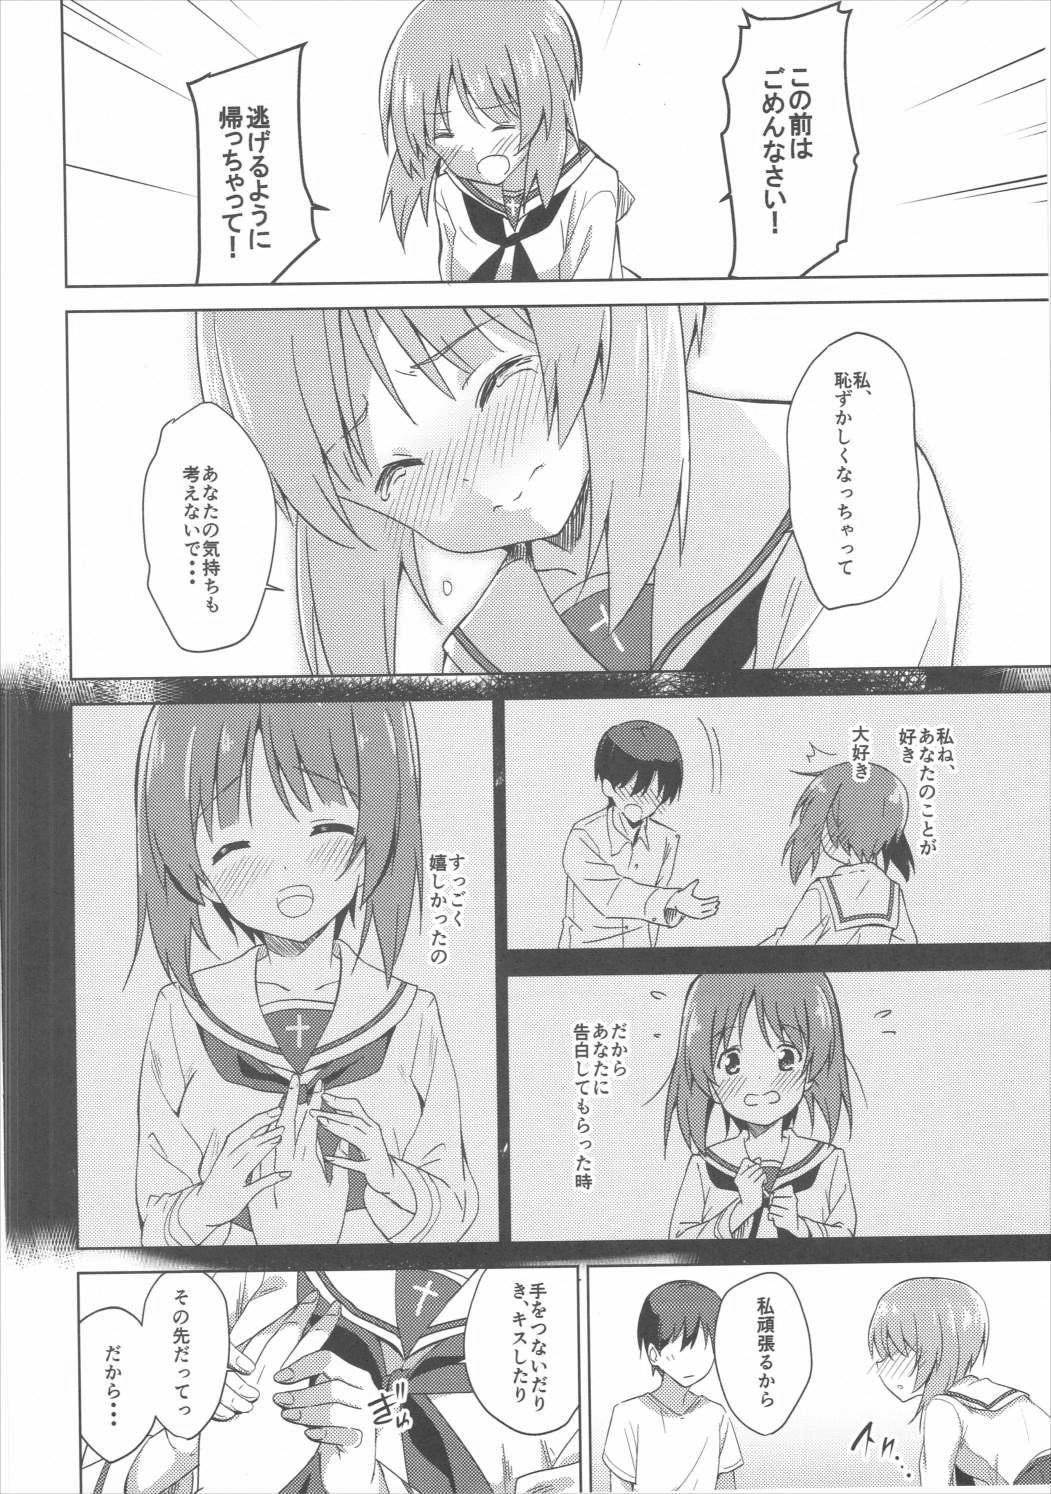 Watashi, Motto Ganbarimasu! - I will do my best more! 6